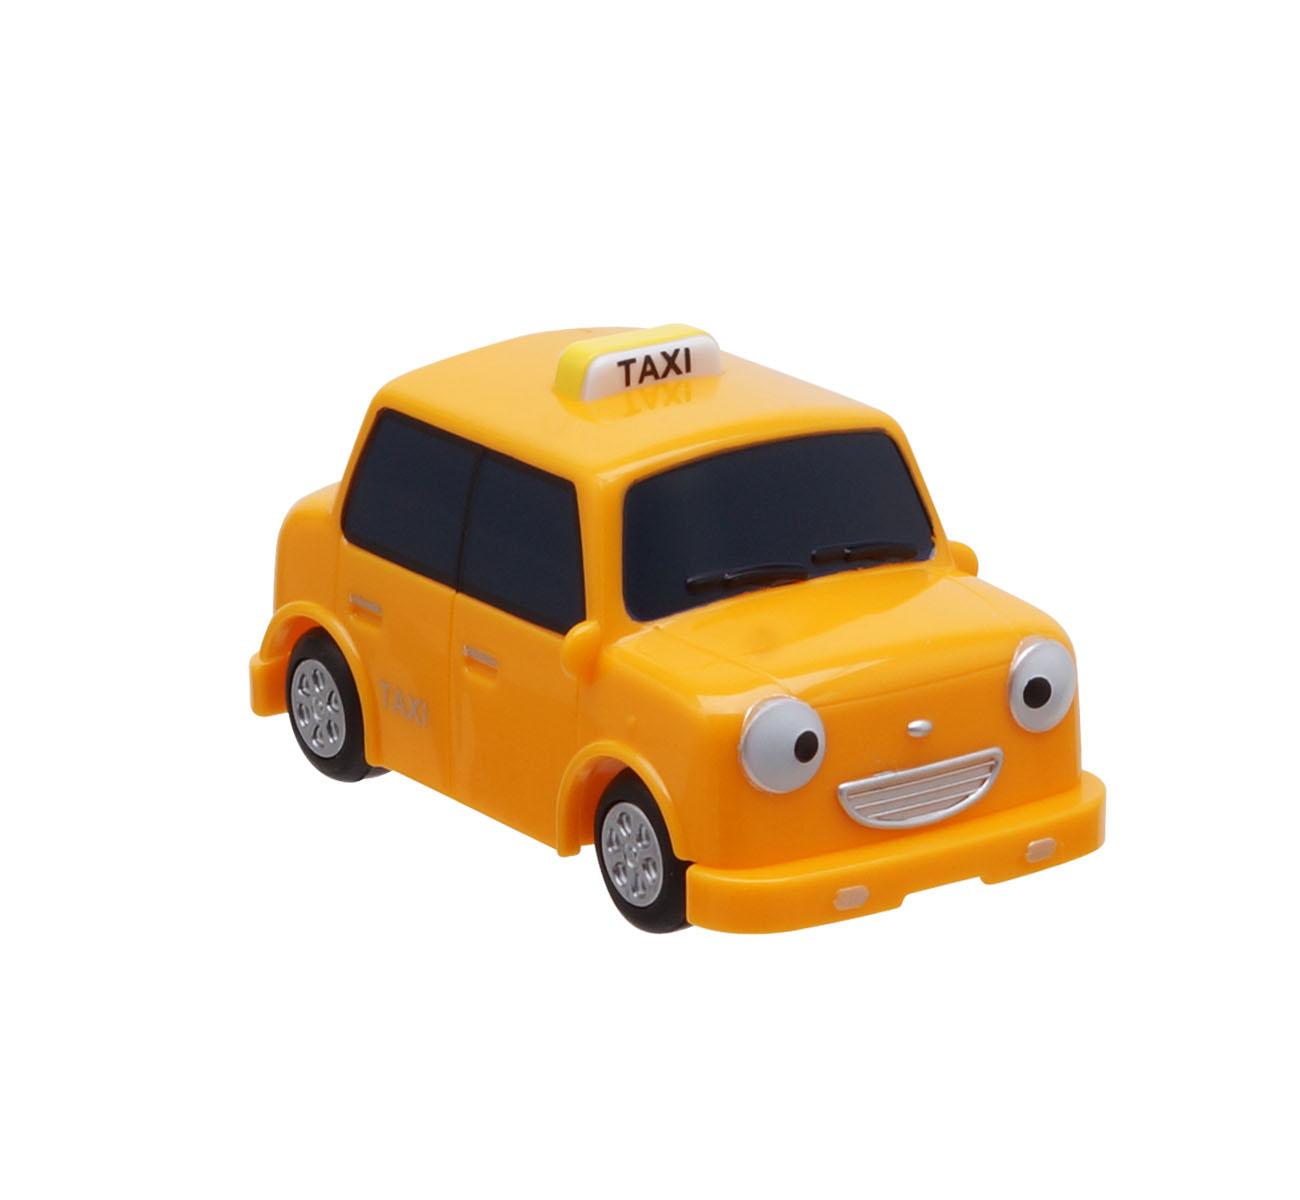 Маленький автобус Тайо - Нури. - Mир Kорейских Tоваров